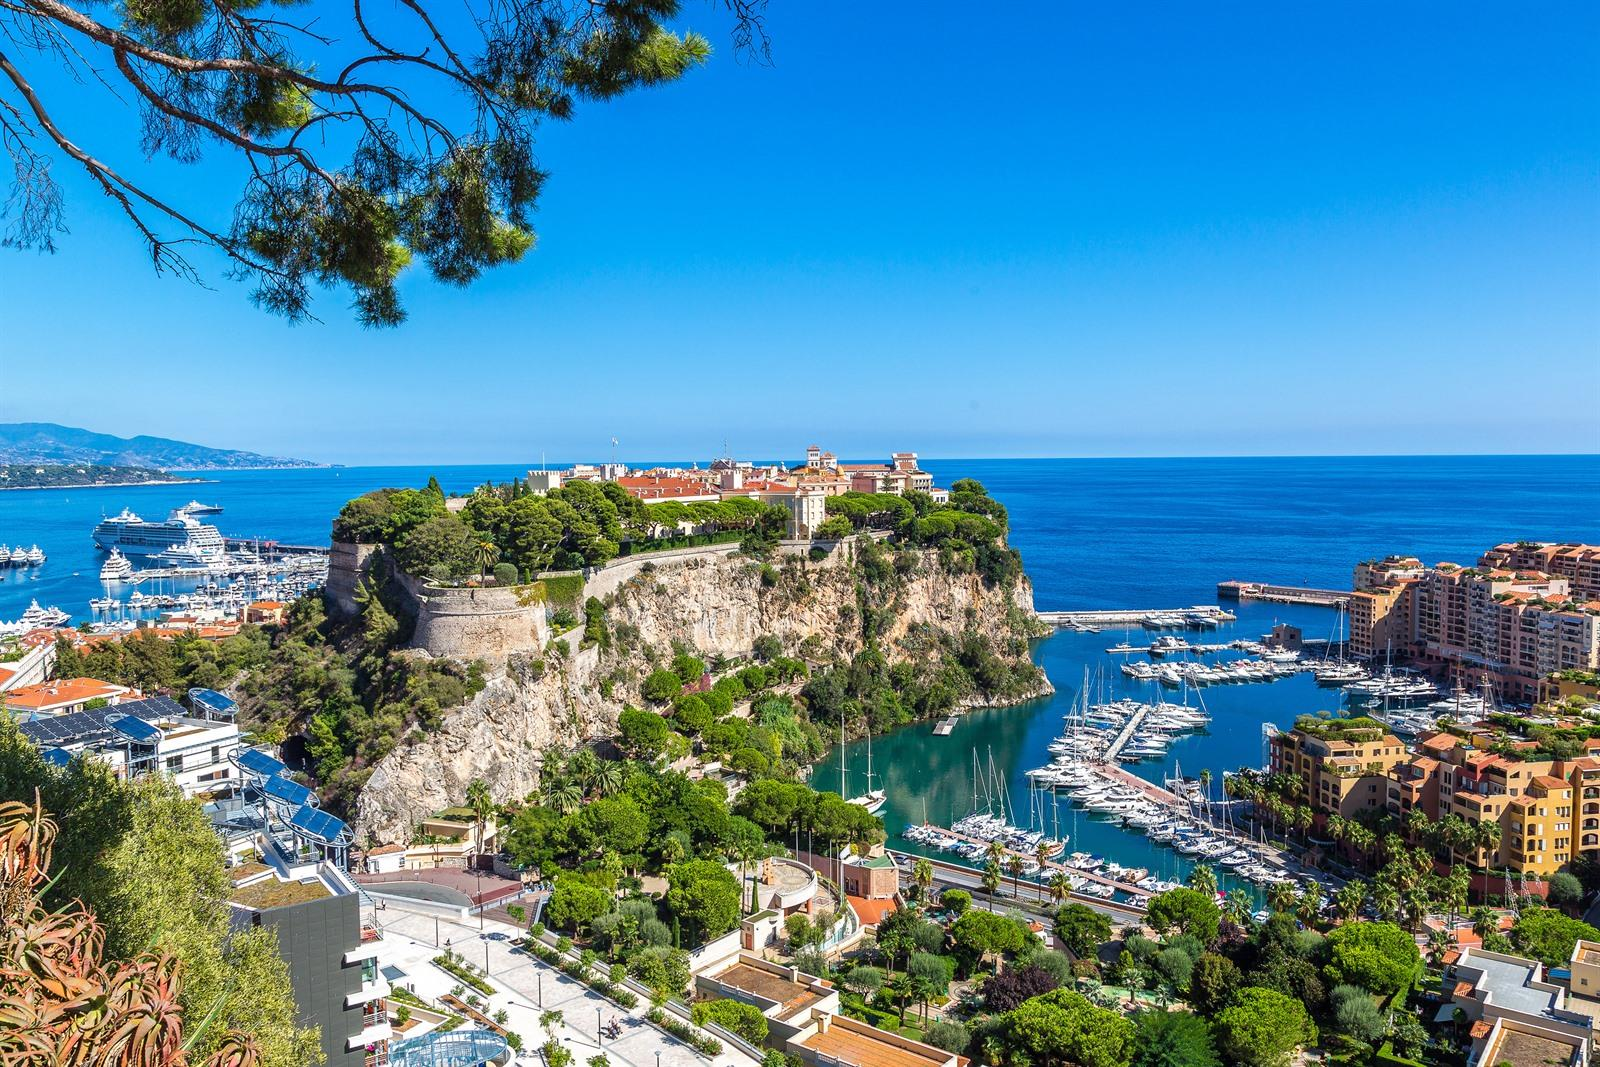 Hotel Luxe Monaco Monte Carlo